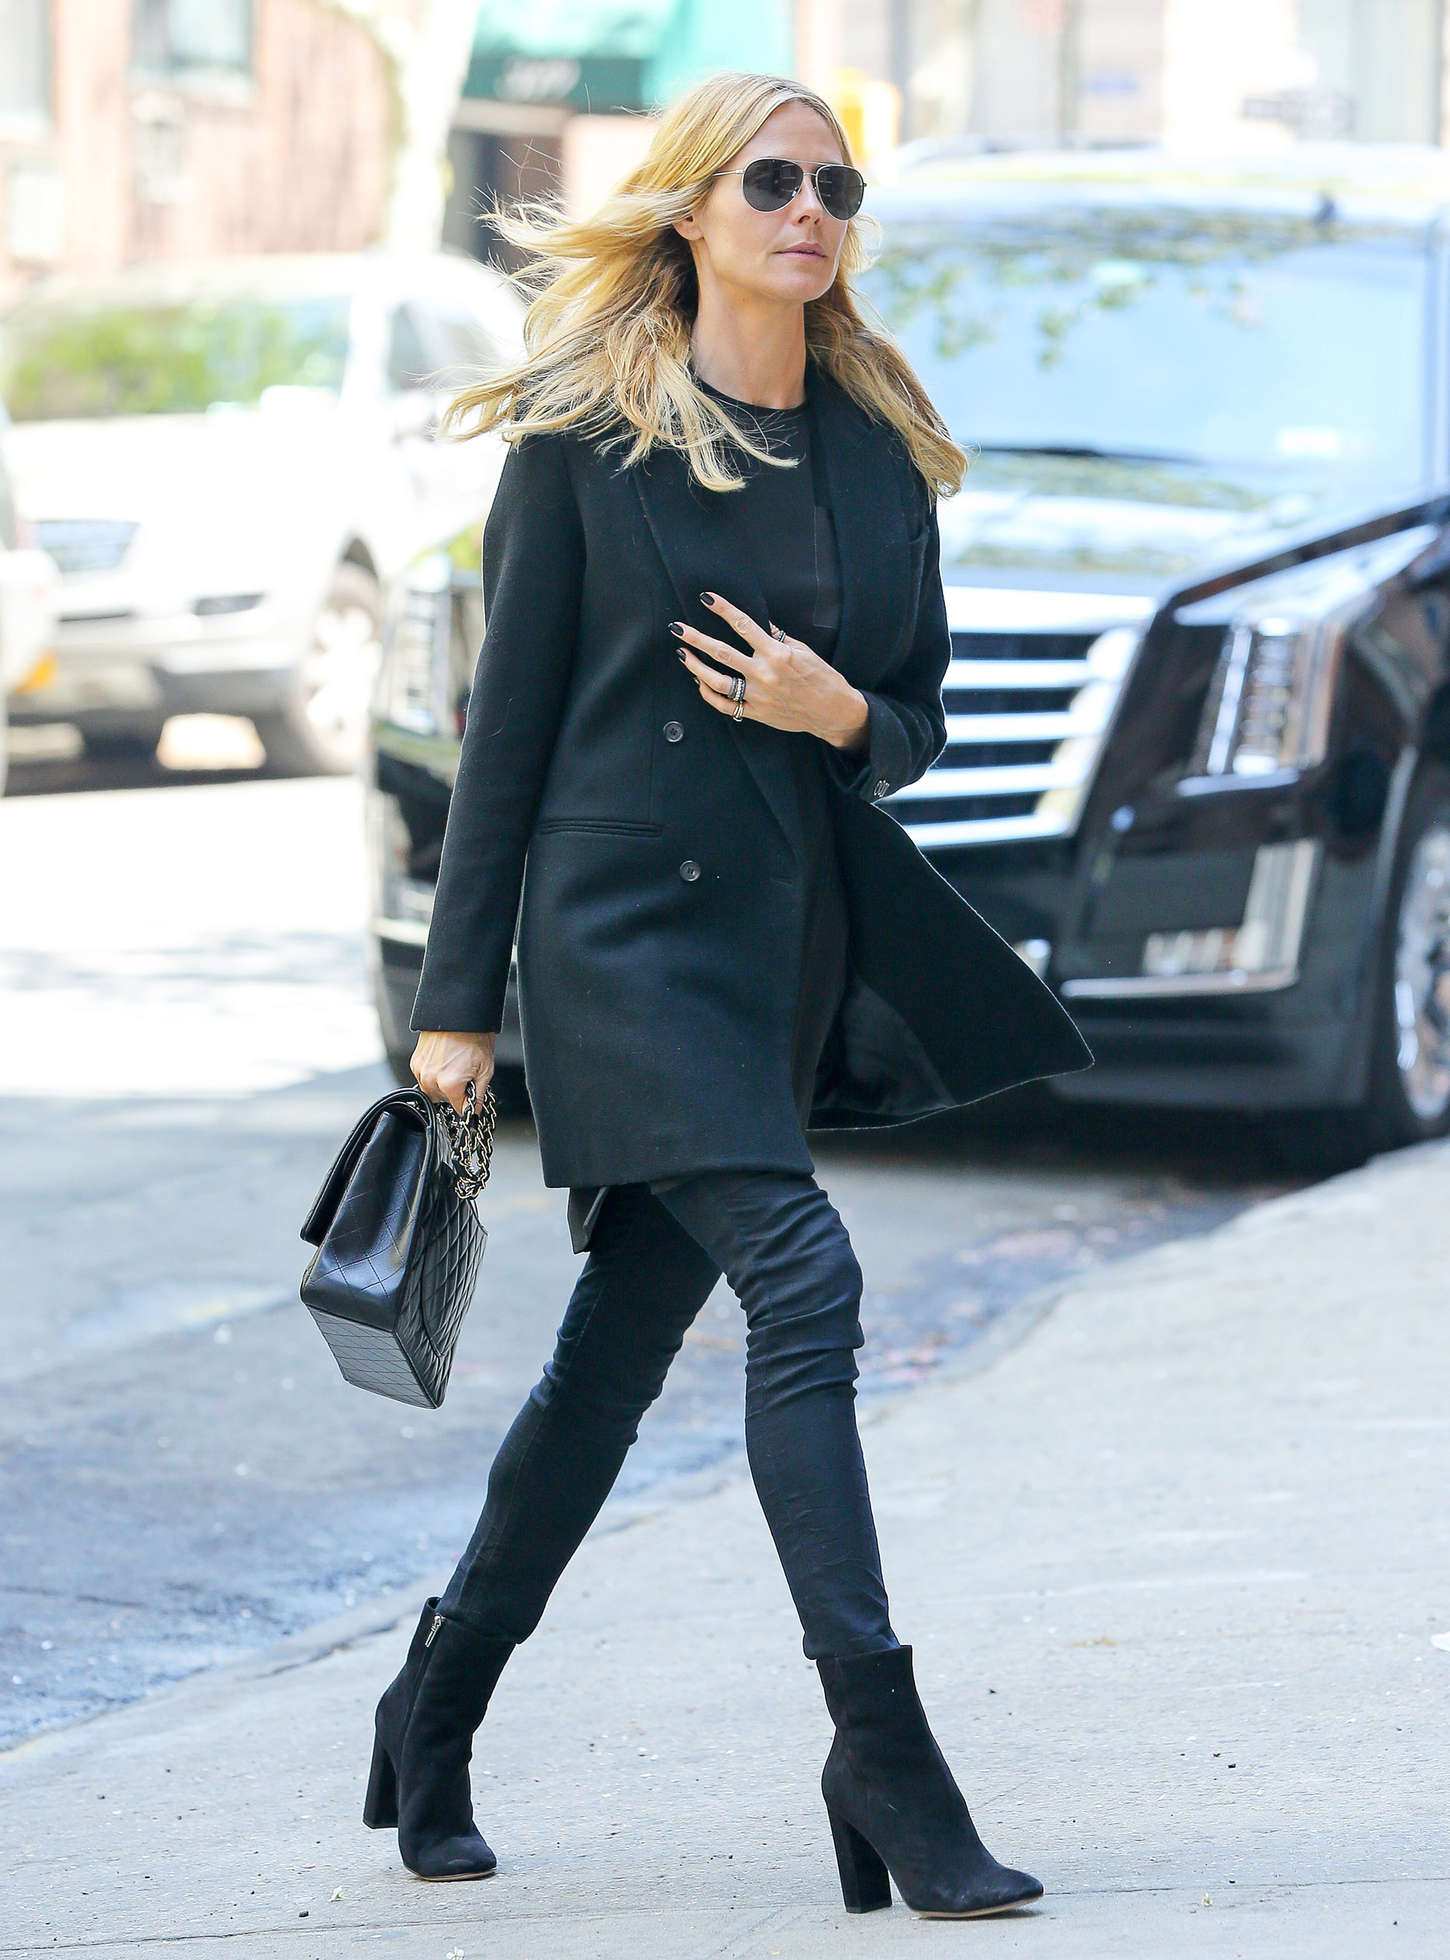 Heidi Klum 2015 : Heidi Klum in jeans -04